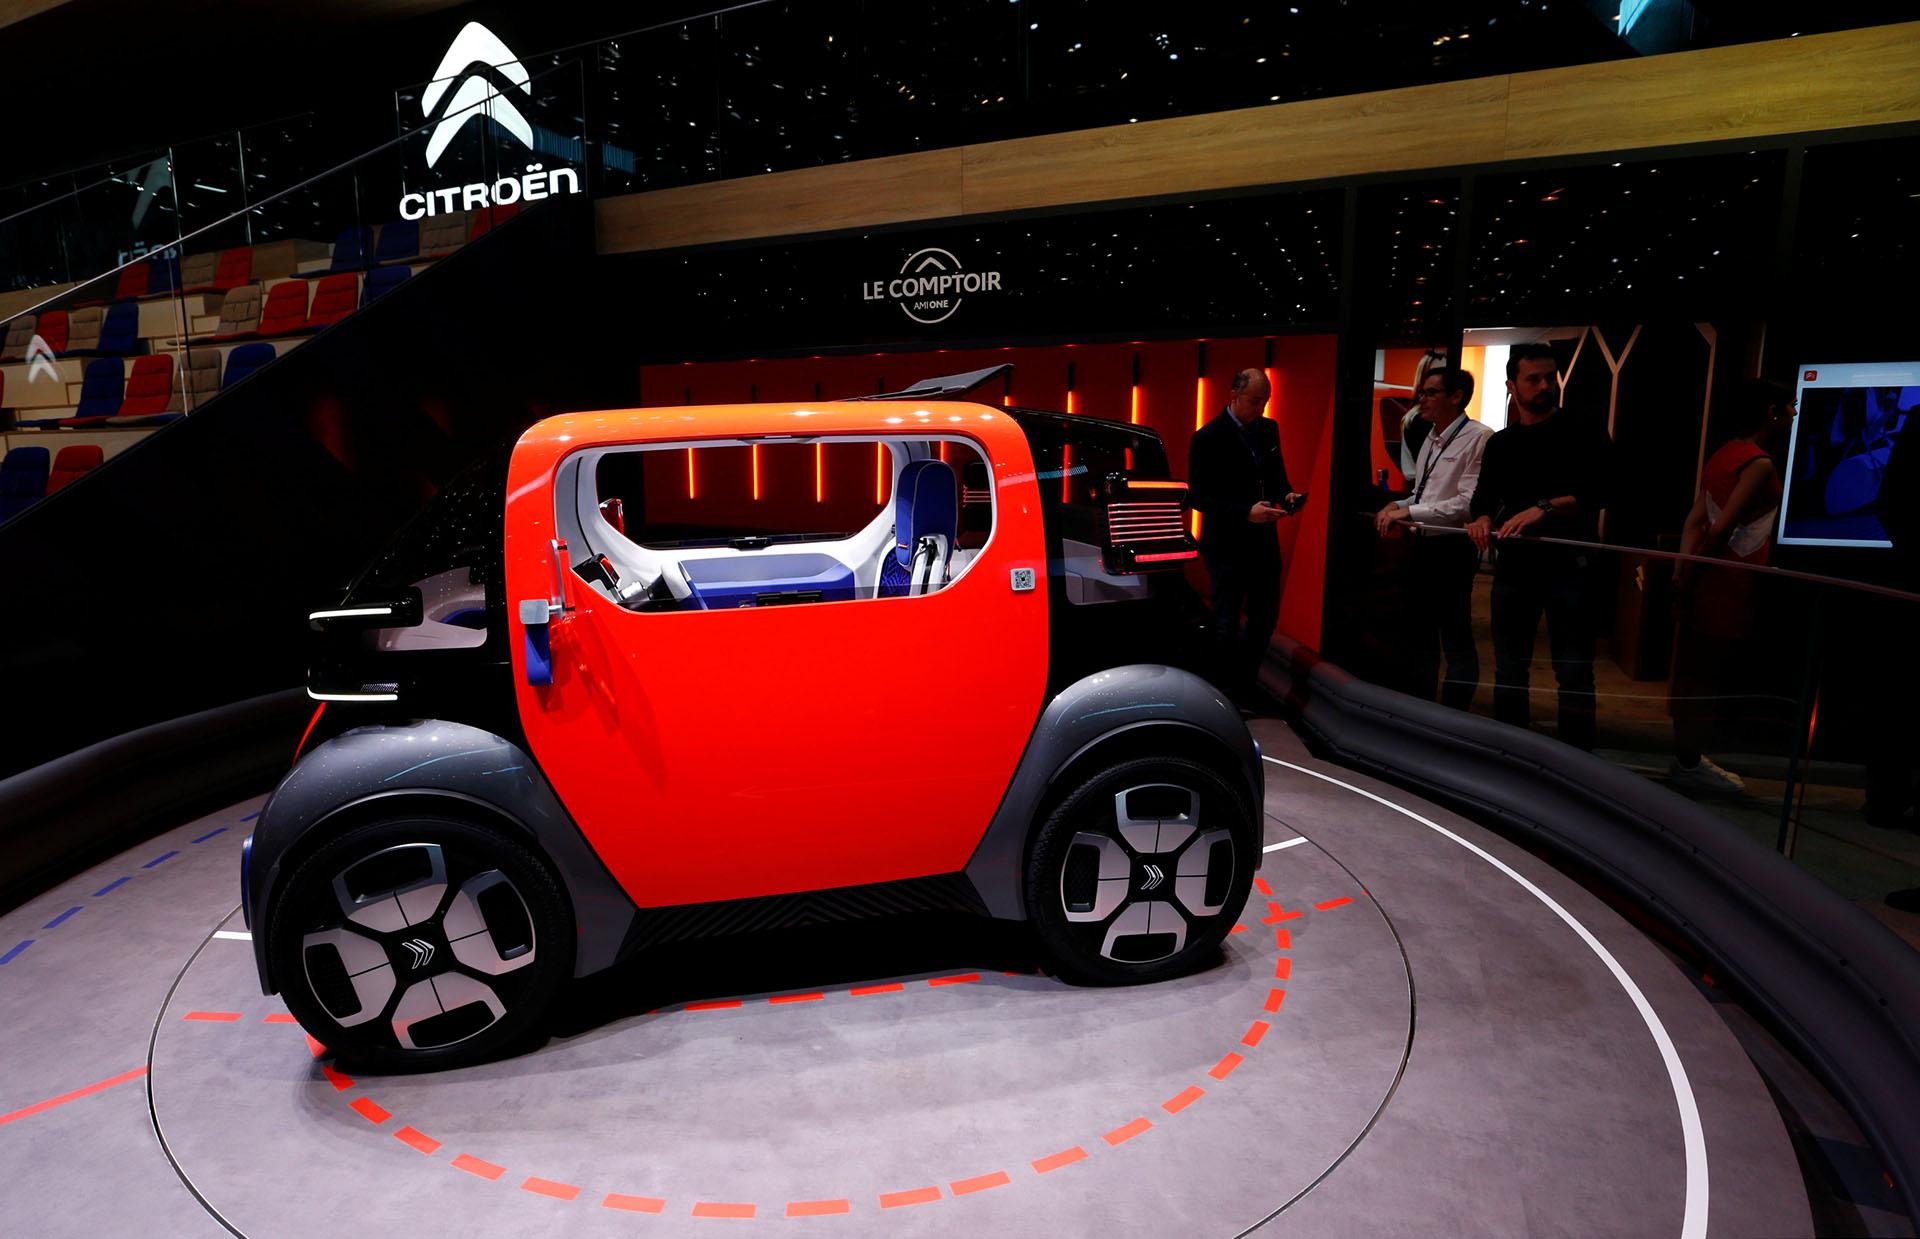 El Citroen Ami One Conceptes un prototipo para dos personas, con carrocería ultracompacta y velocidad máxima de 45 km/h, querefleja la visión de la marca francesa del futuro de la movilidad urbana